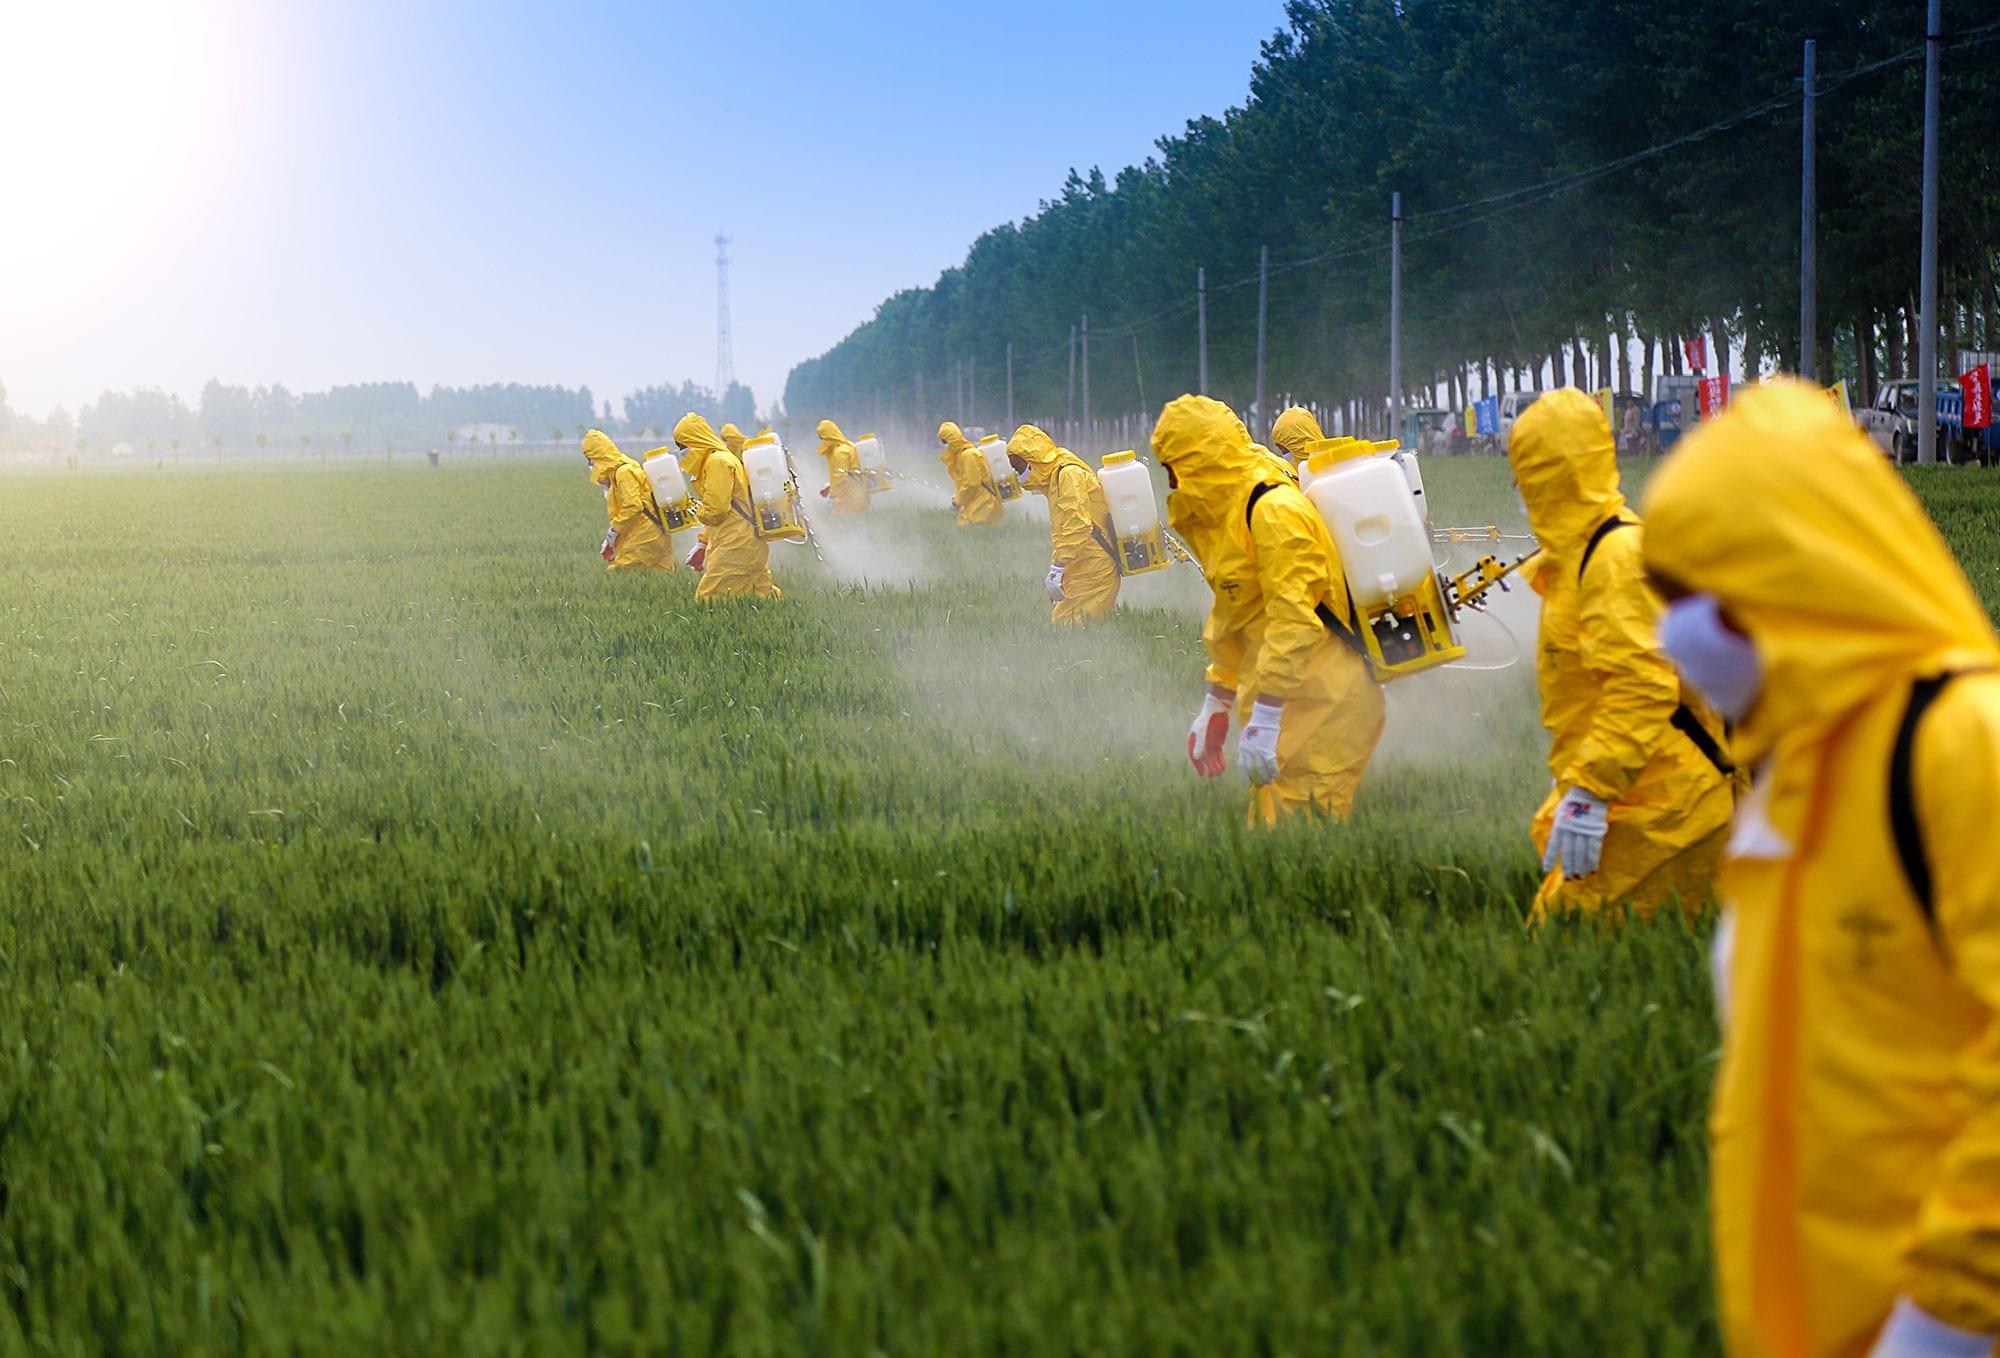 Buğday yetiştiriciliğinde kimyasal zirai mücadele uygulama tekniklerini öğrenmek mücadelenin verimliliğini arttırır ve bitkilere olası bir zararı önler.